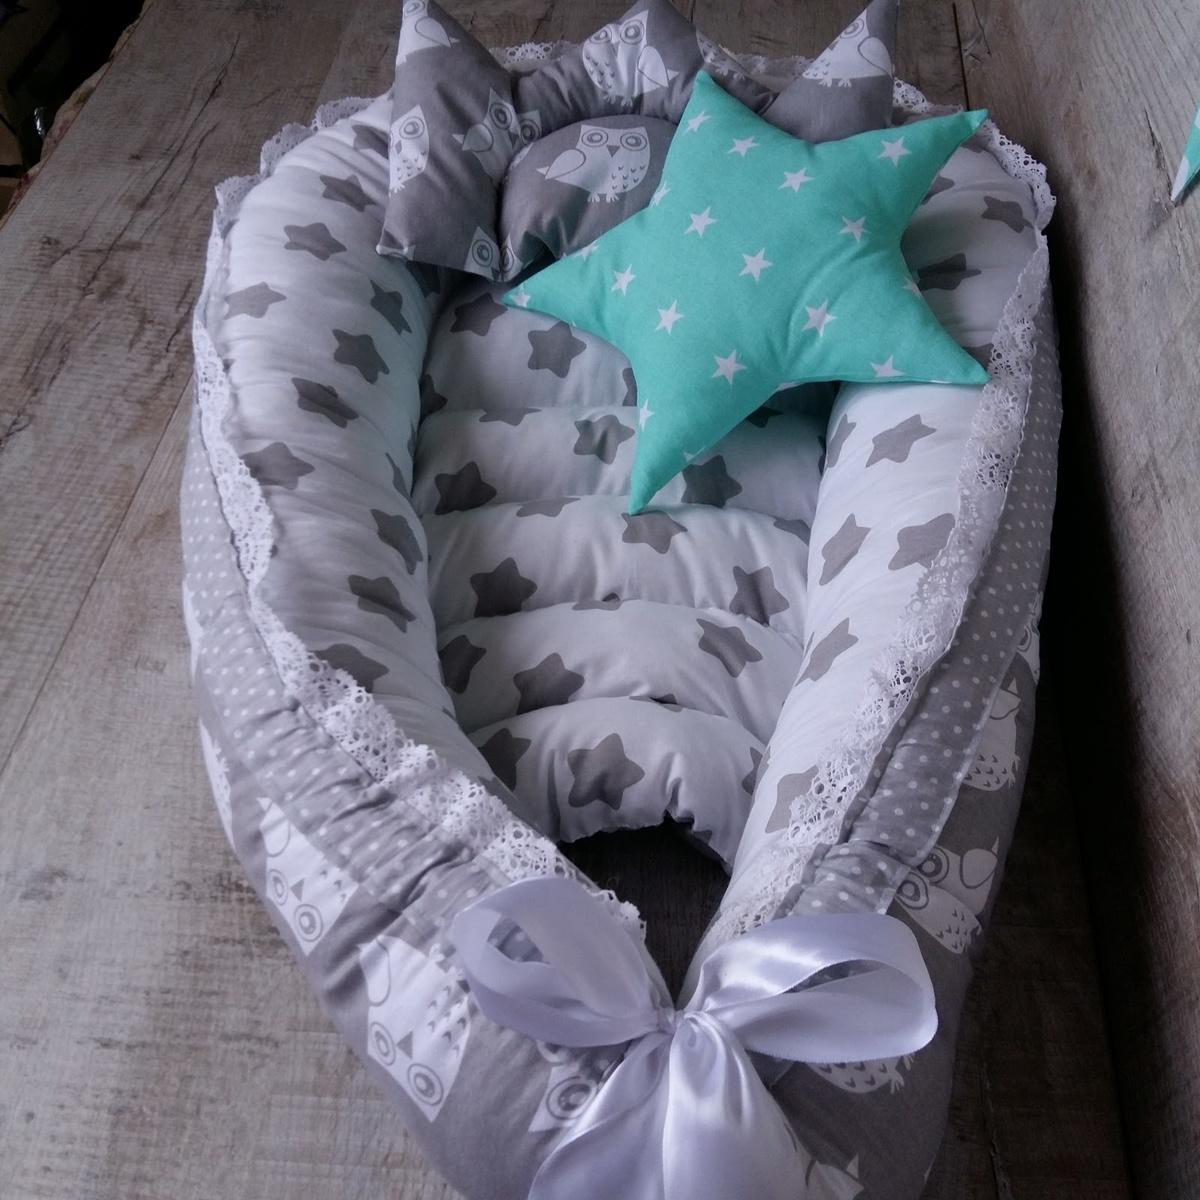 Как сделать гнездышко своими руками для ребенка